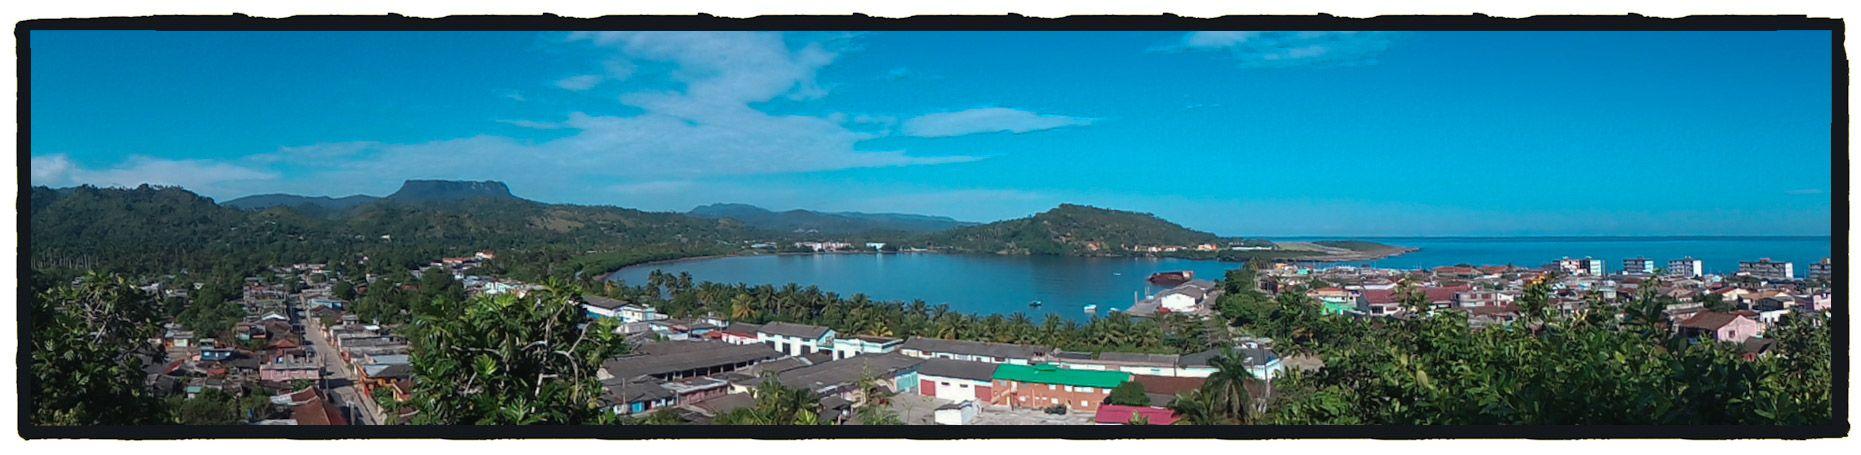 Panorámica de la bahía de Baracoa